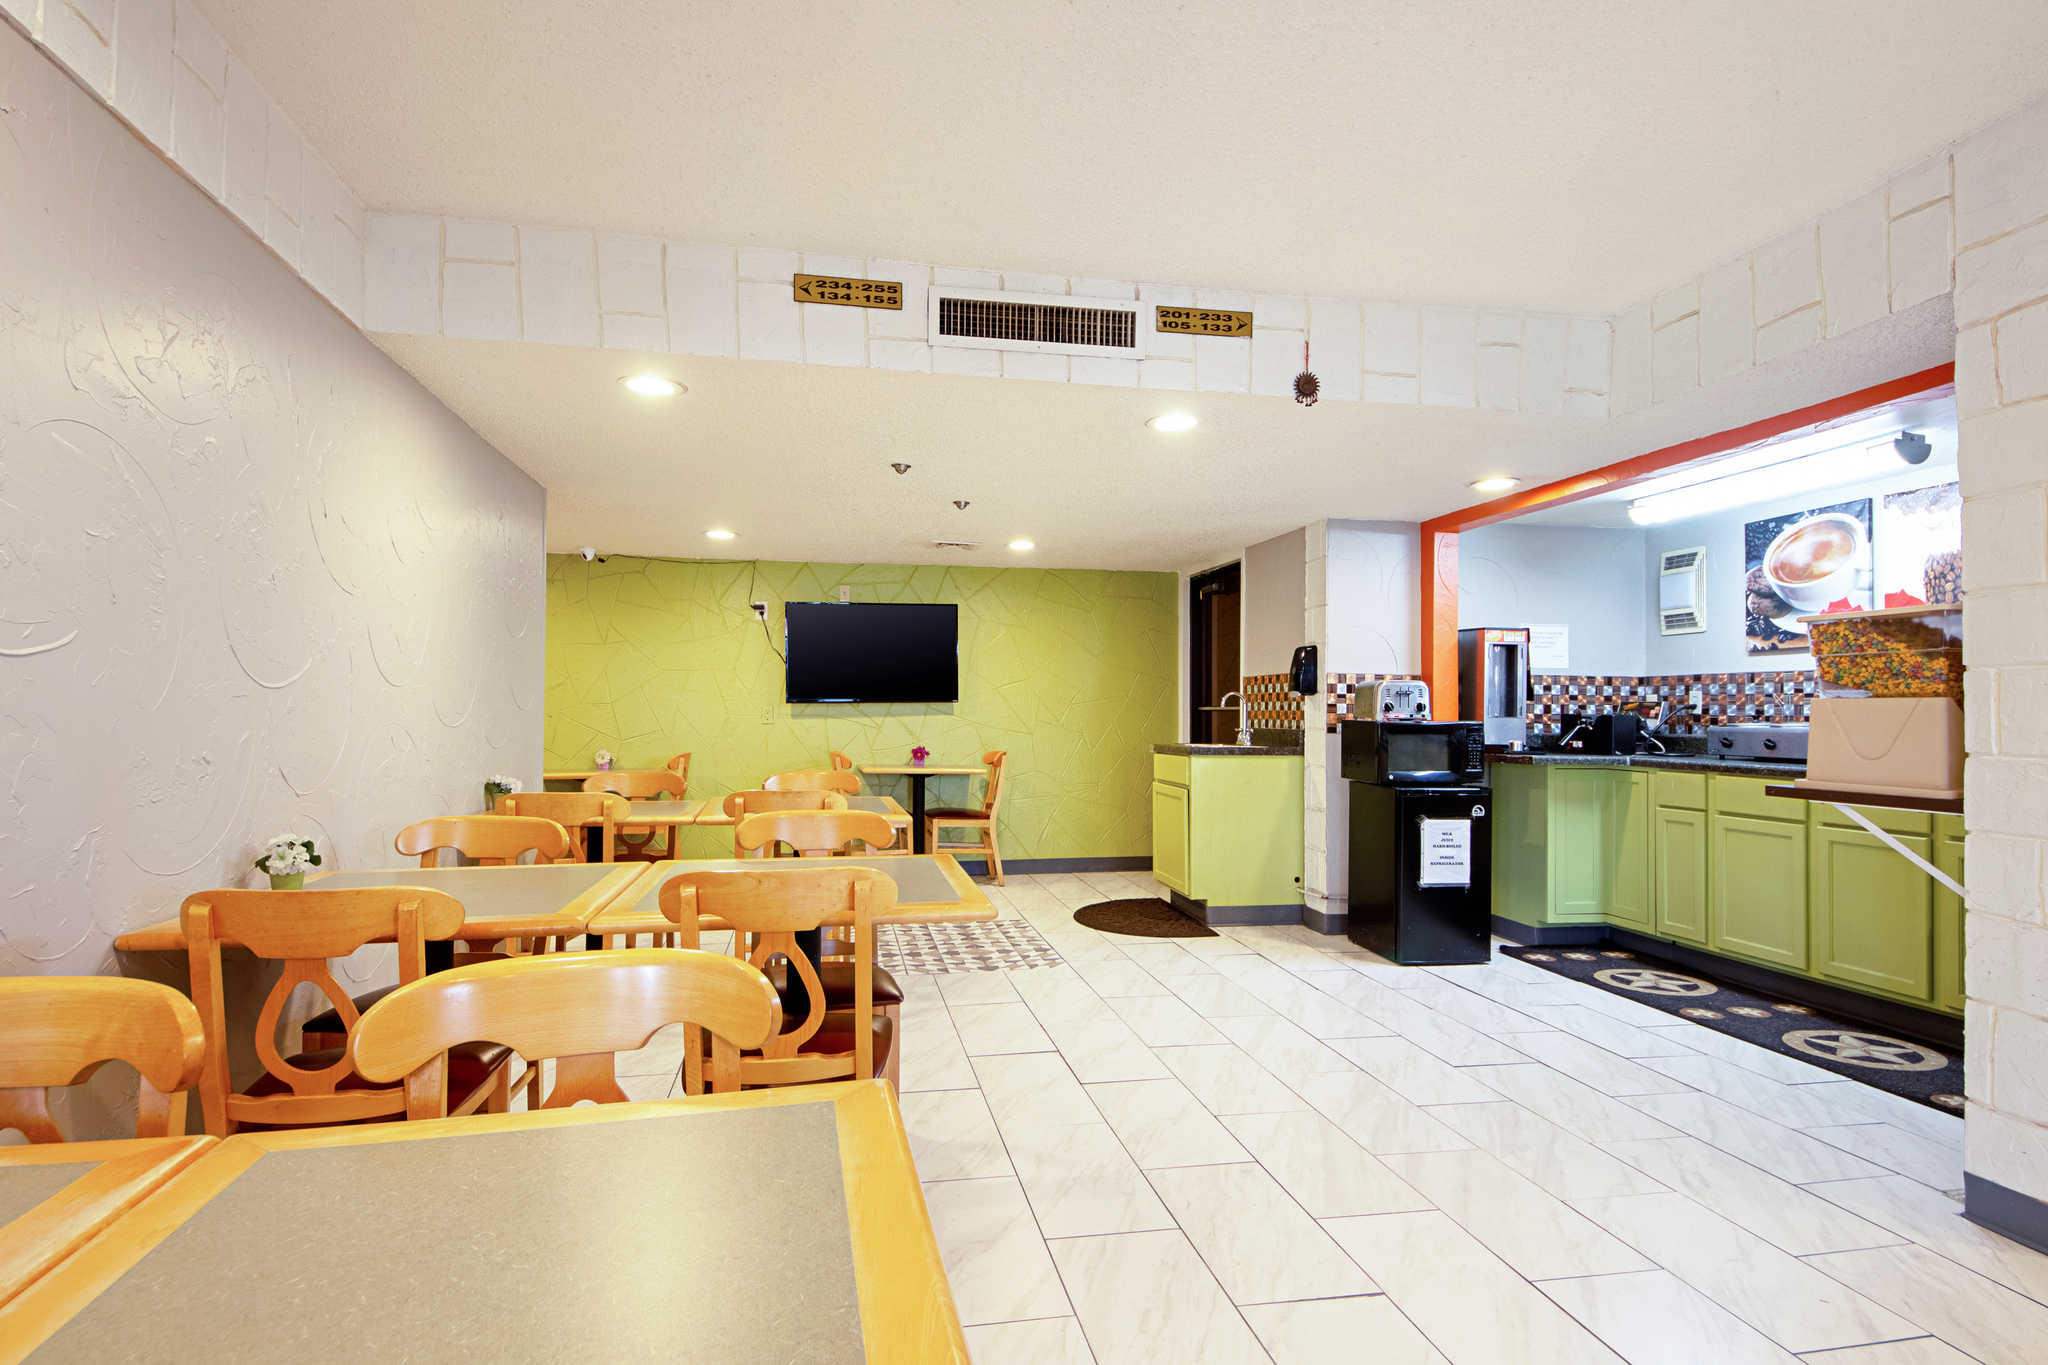 Rodeway Inn & Suites image 53